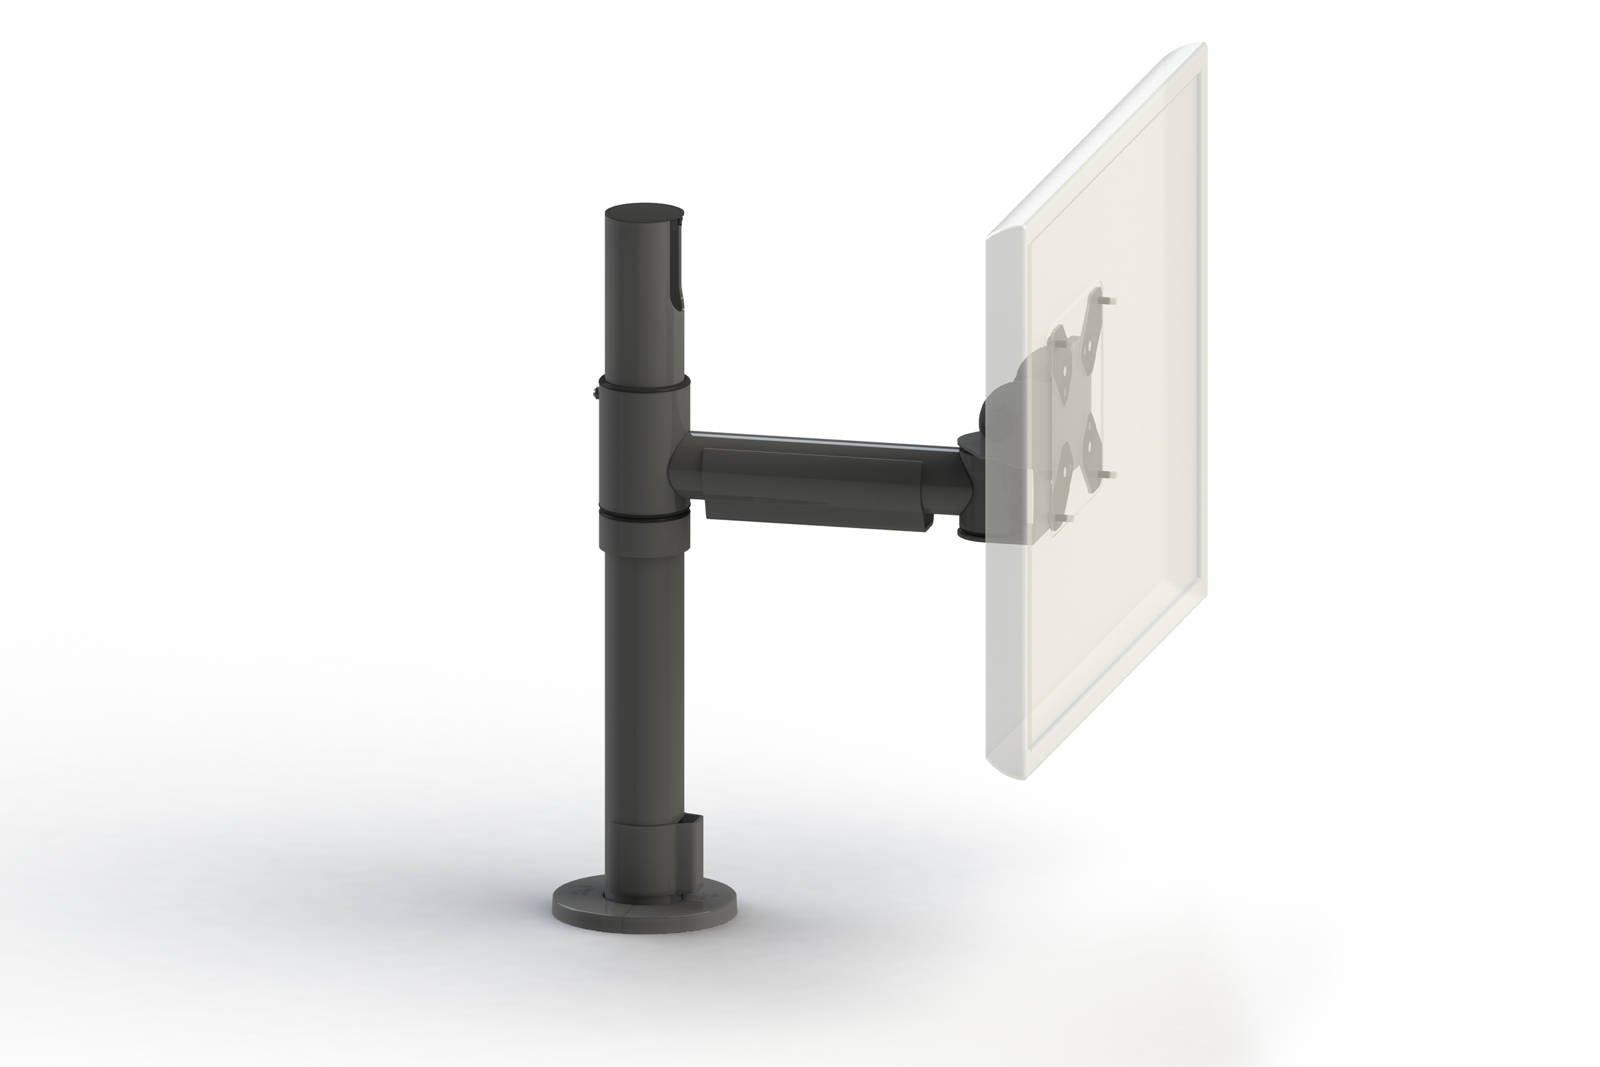 SpacePole Swing Arm Screen Mount SPV1104 SP2 44mm